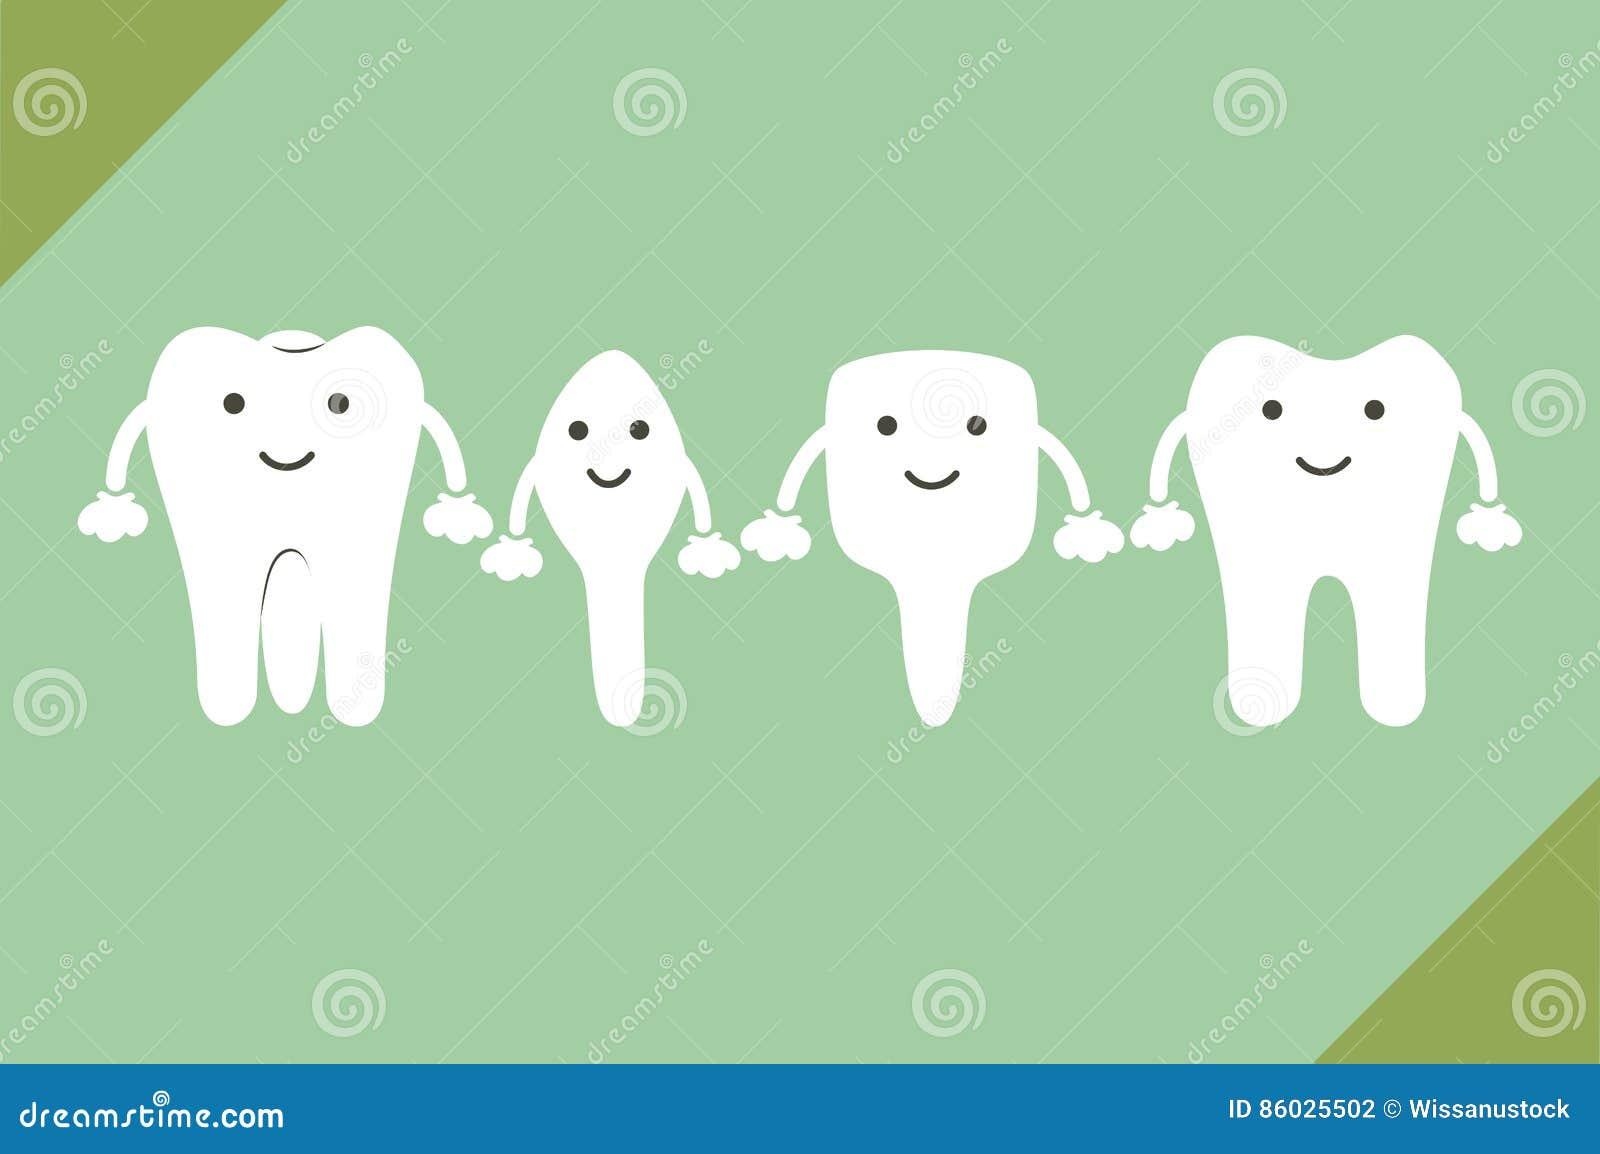 牙类型-门牙,犬,前臼齿,槽牙